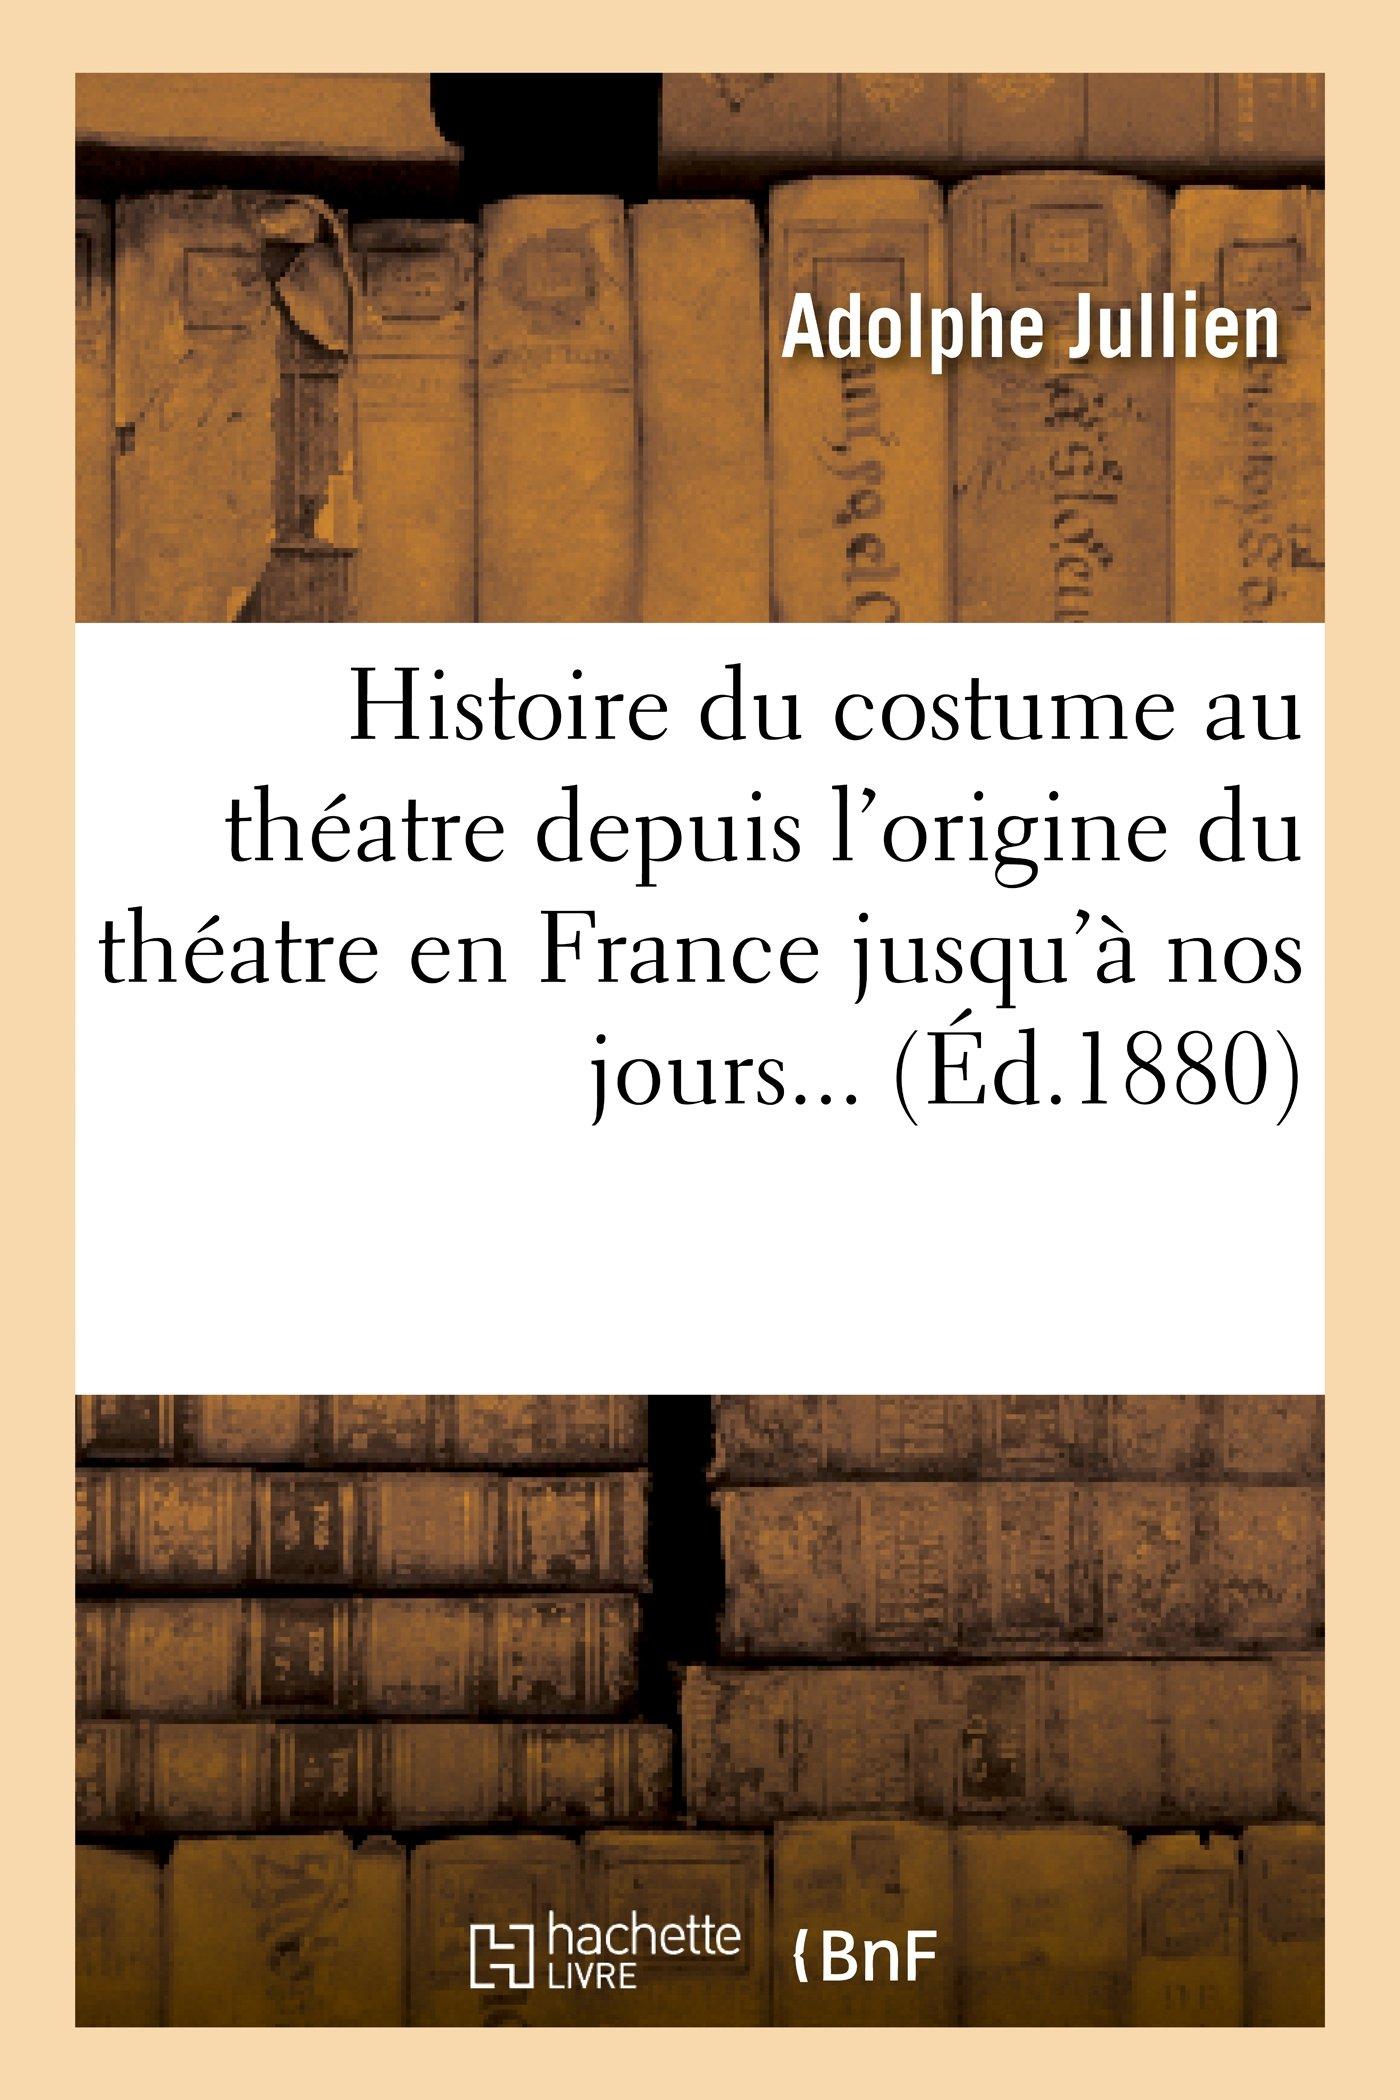 Download Histoire Du Costume Au Theatre Depuis L'Origine Du Theatre En France Jusqu'a Nos Jours (Arts) (French Edition) ebook